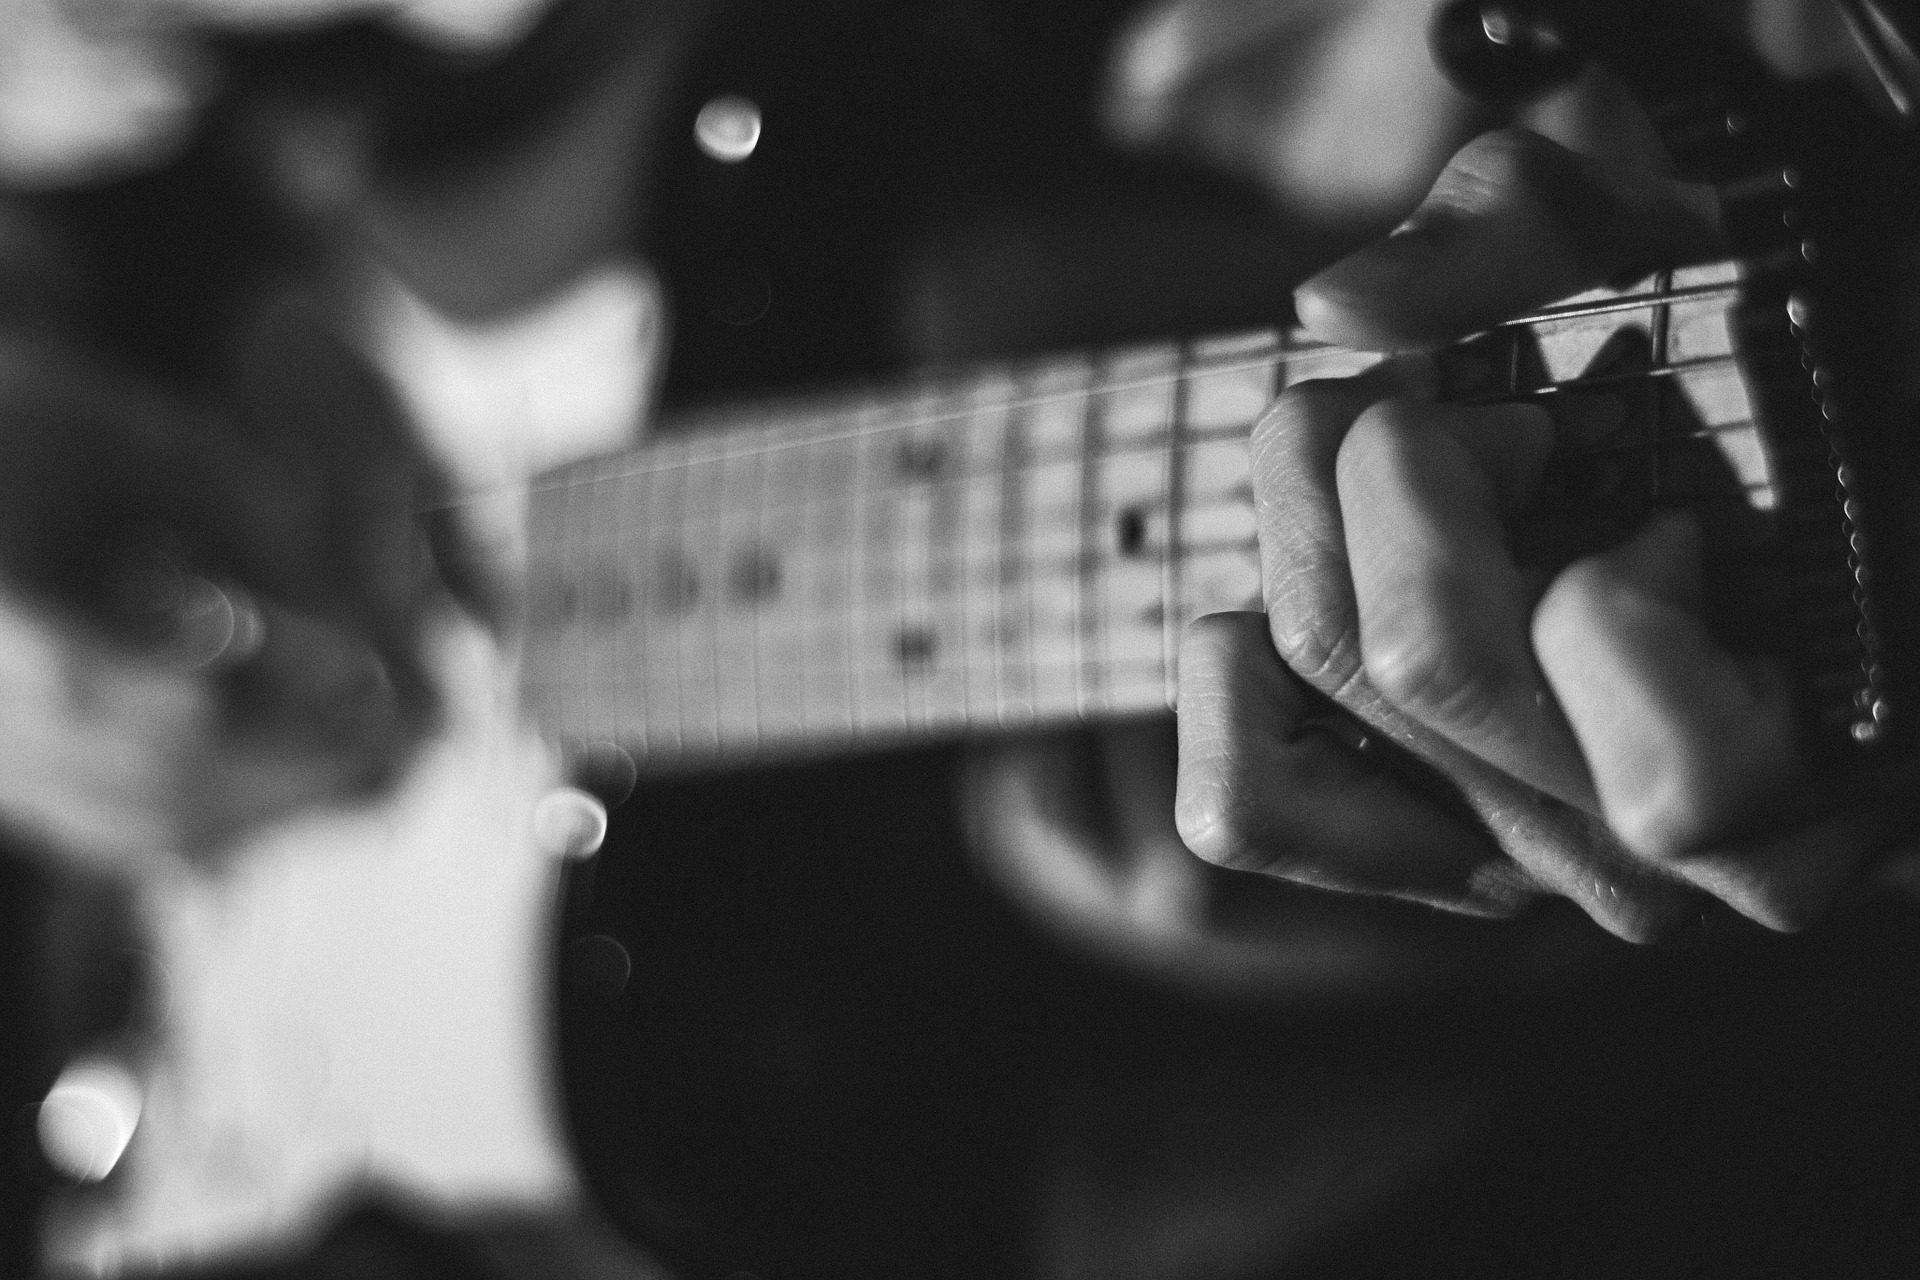 Guitarra, mastro, cadeias de caracteres, mãos, em preto e branco - Papéis de parede HD - Professor-falken.com